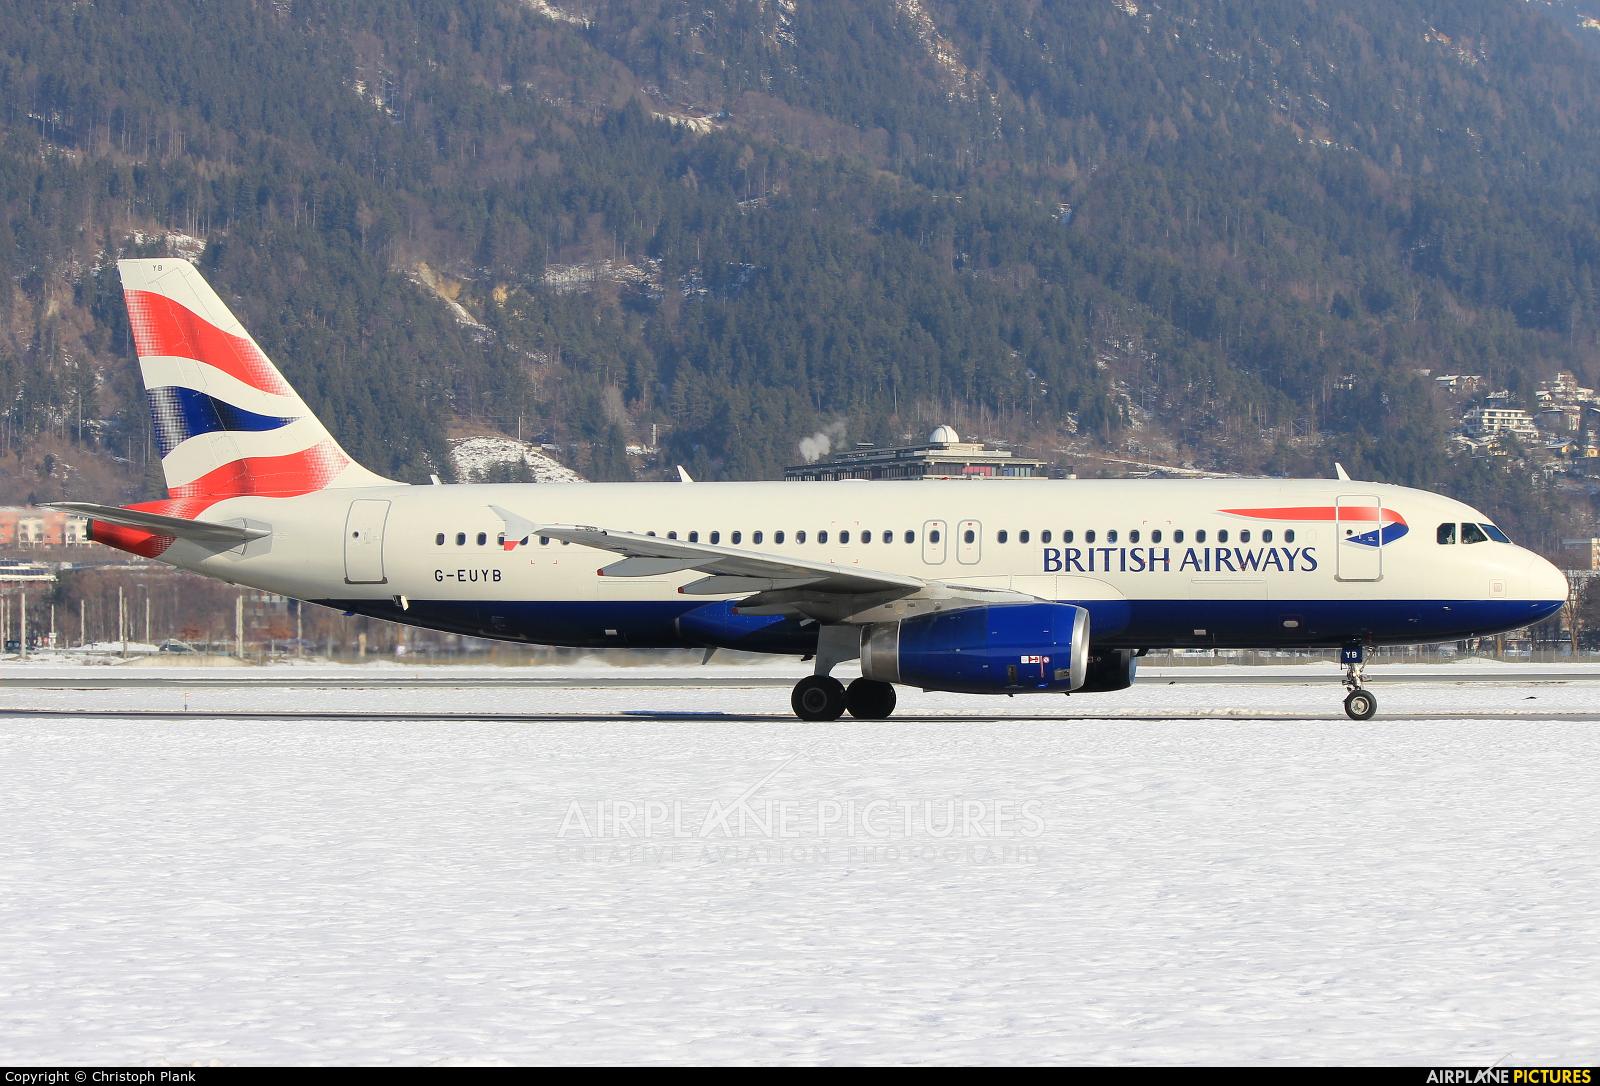 British Airways G-EUYB aircraft at Innsbruck